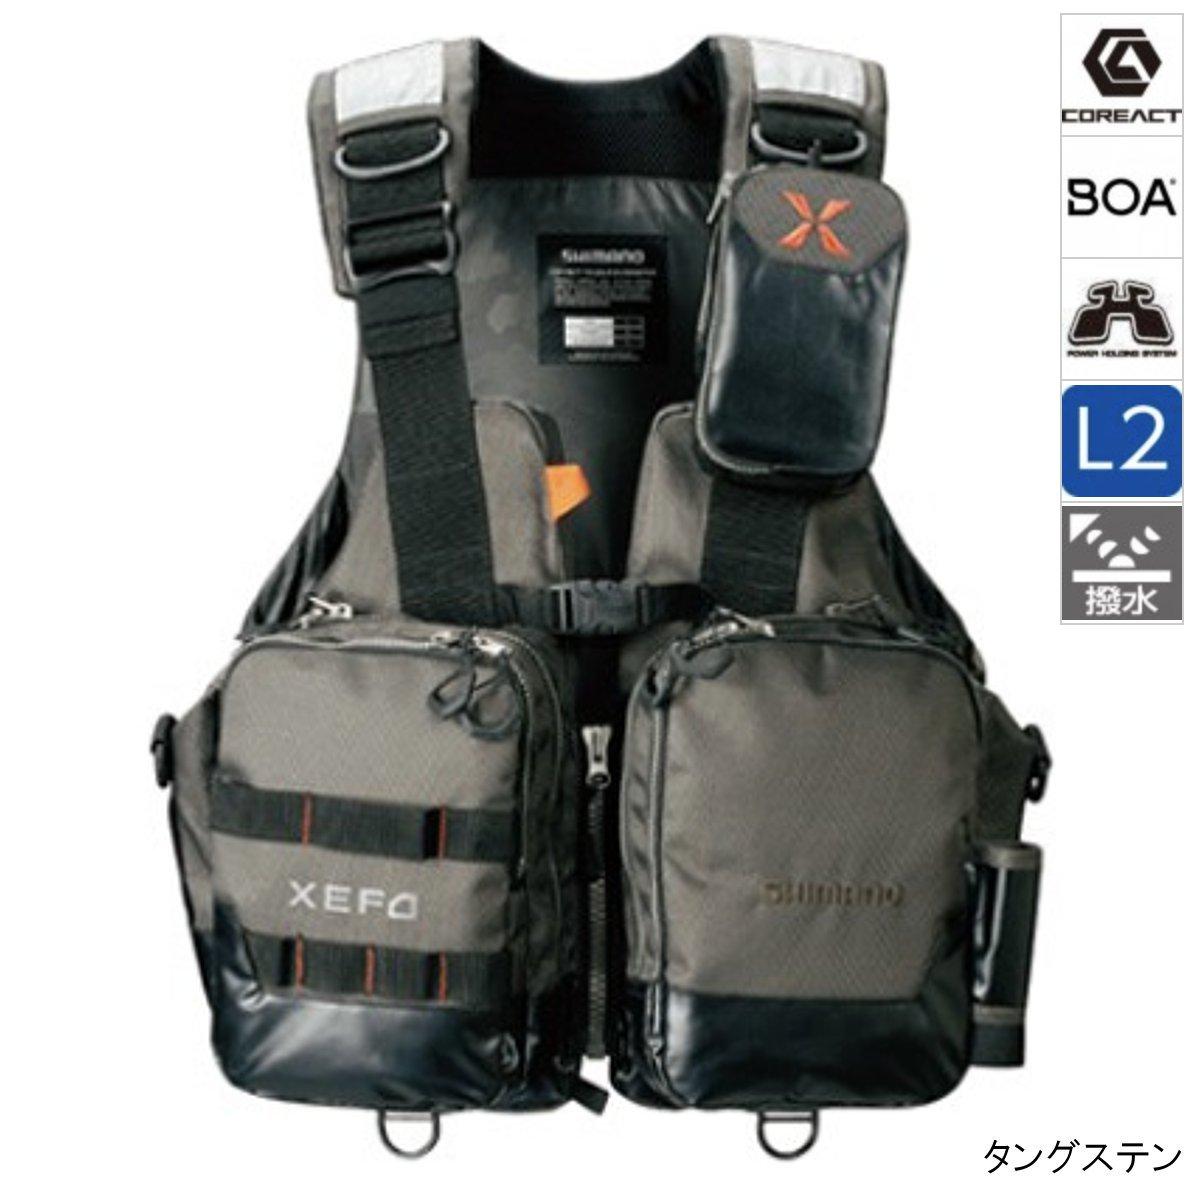 シマノ XEFO・アクトゲームベスト VF-274R XL タングステン [11dmnb]